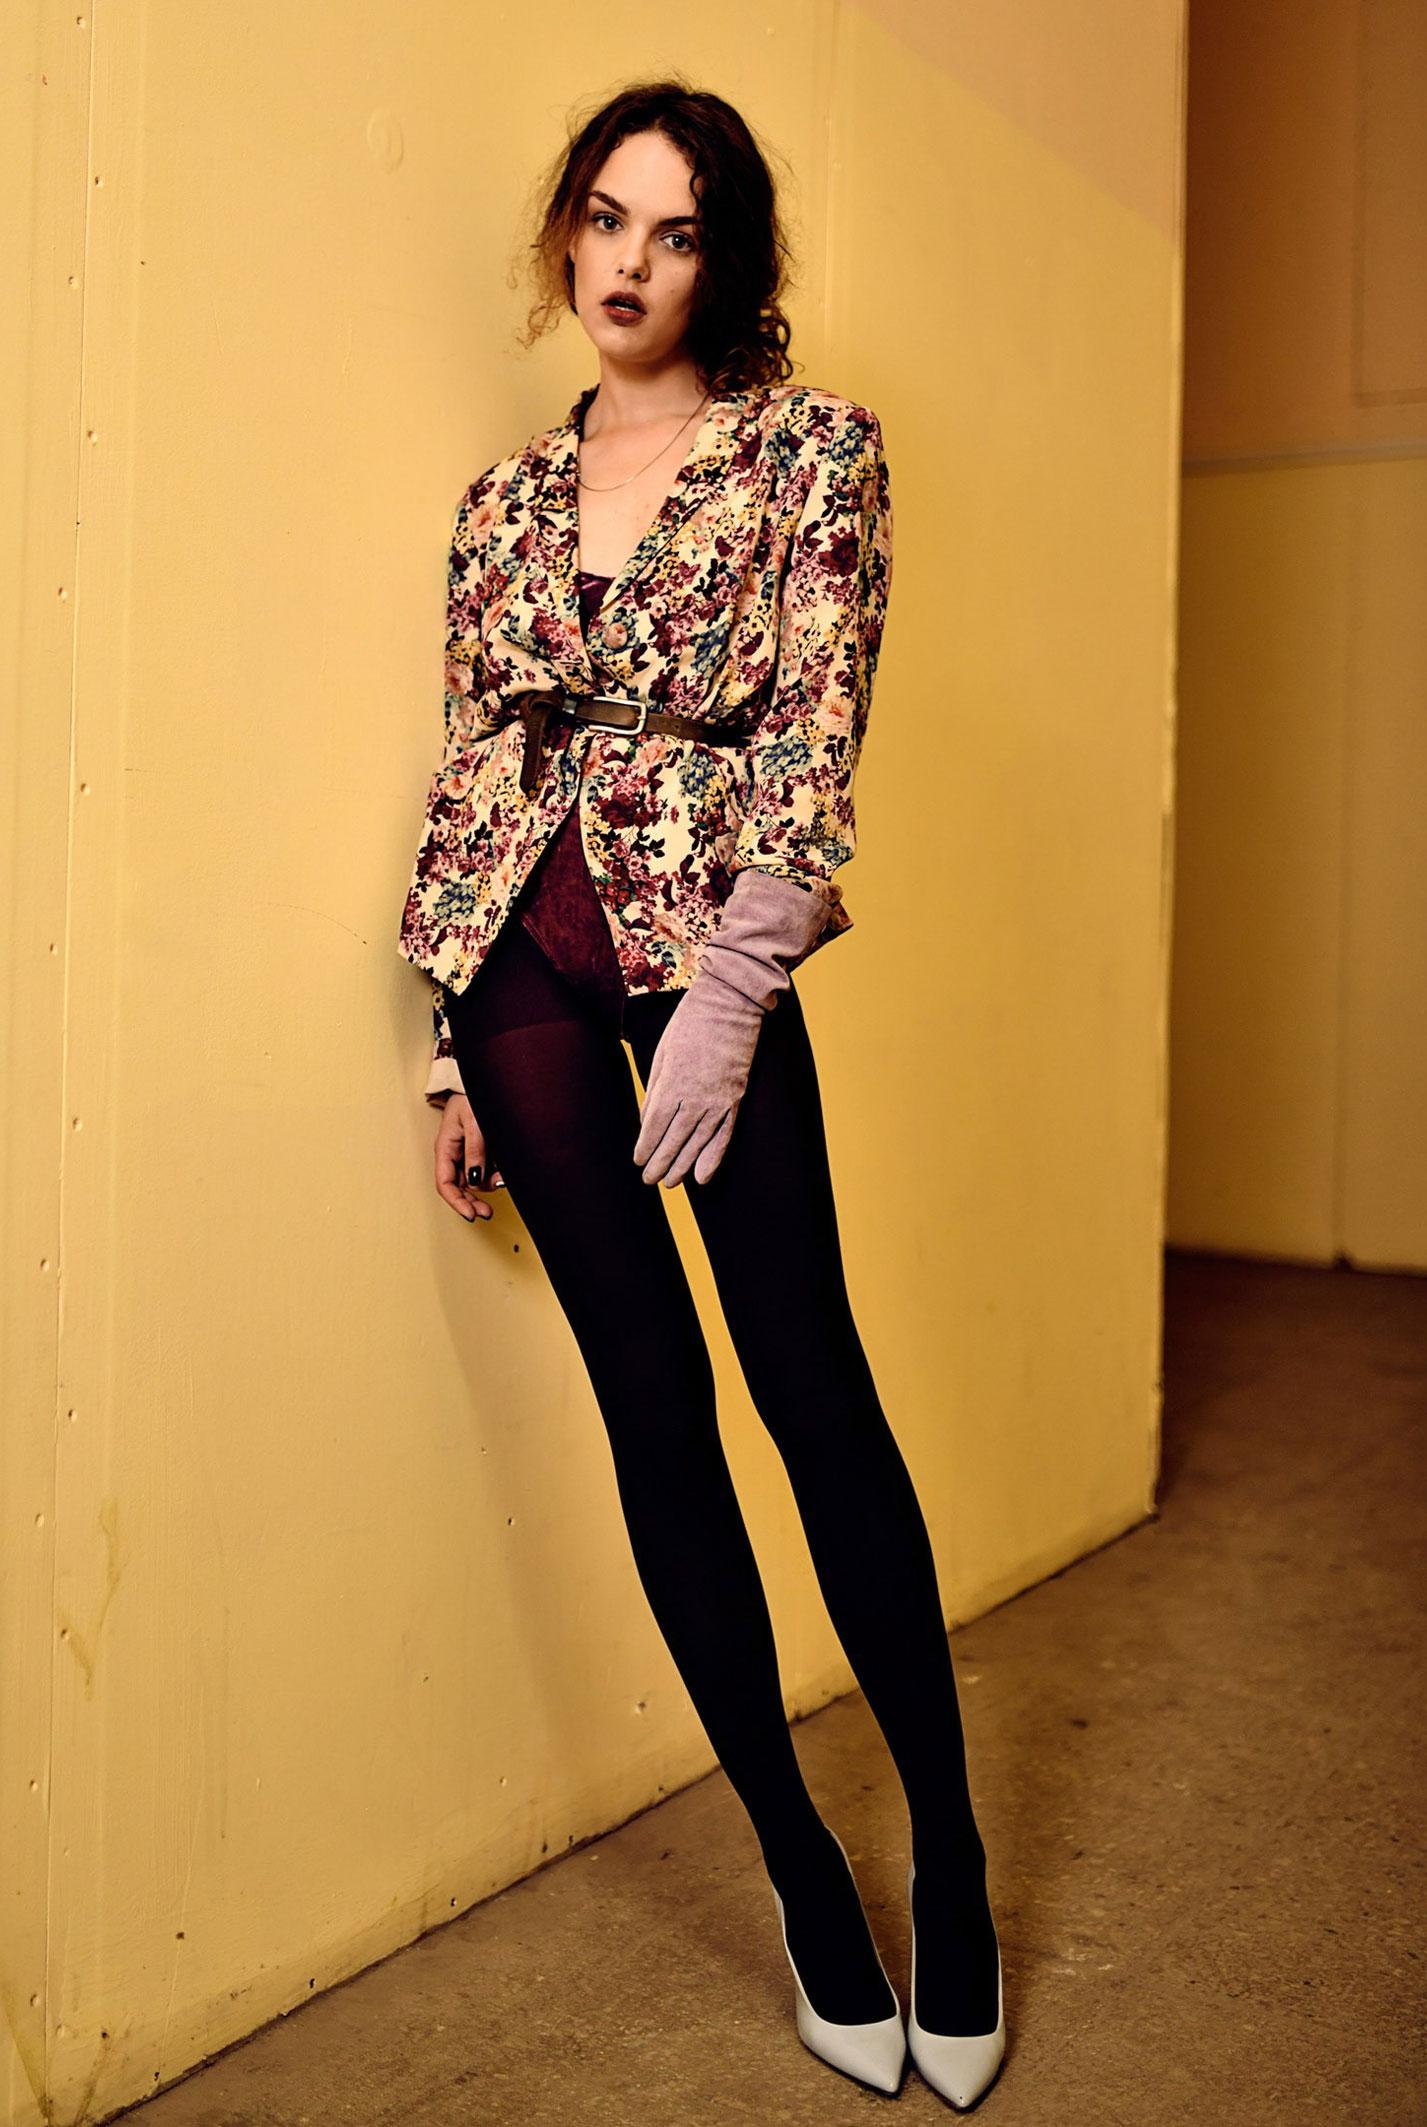 Модный показ в исполнении Юлии Кондрашовой / фото 08